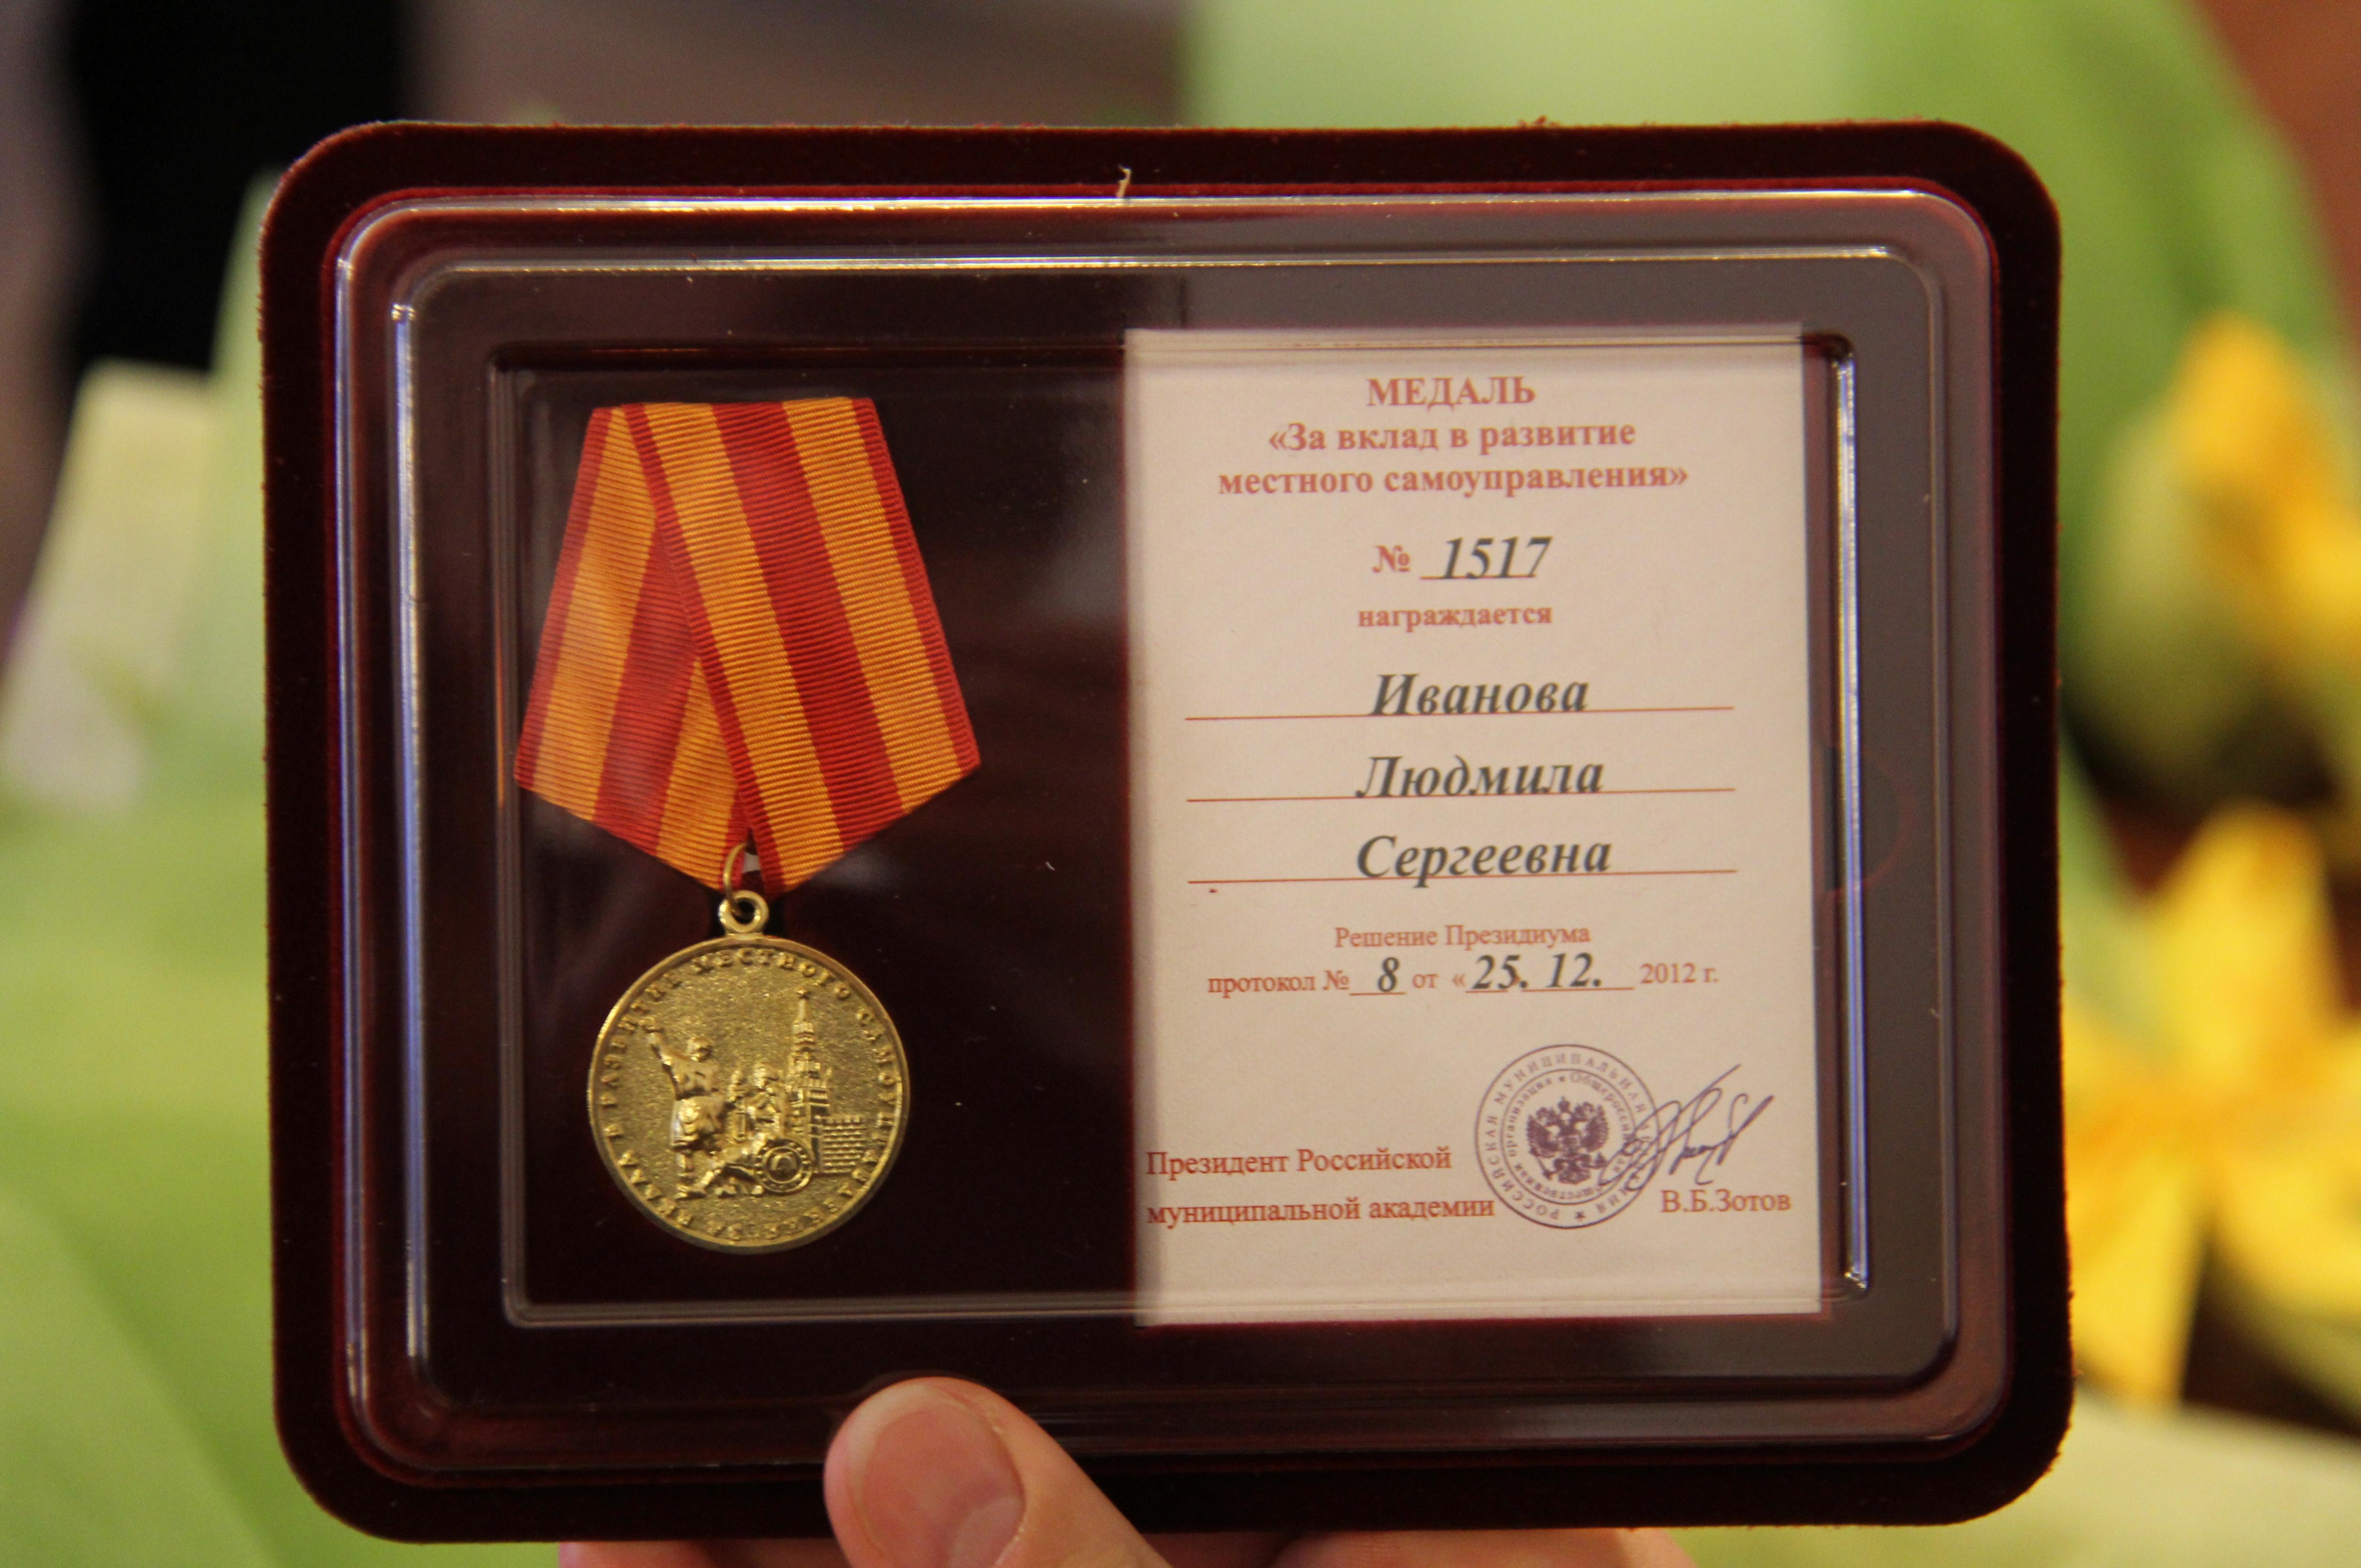 документы на награждение знаком губернатора московской области